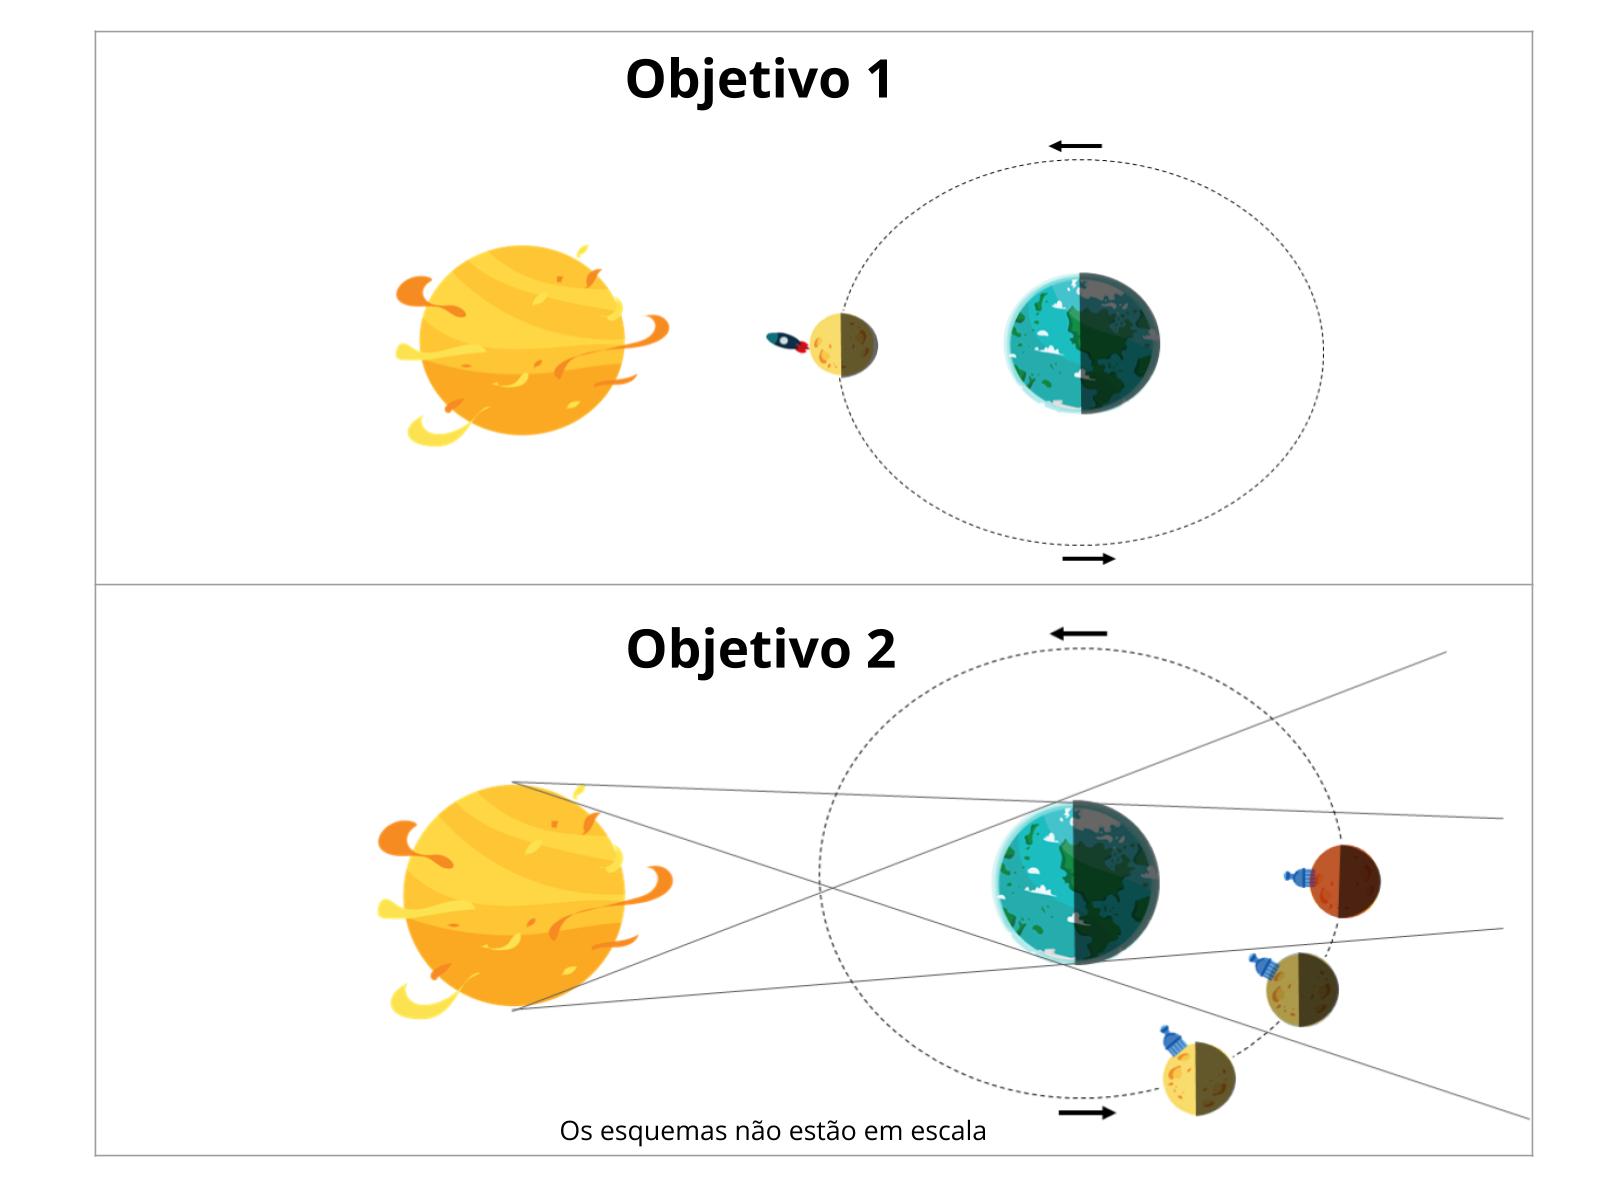 Fases lunares e os eclipses na missão espacial